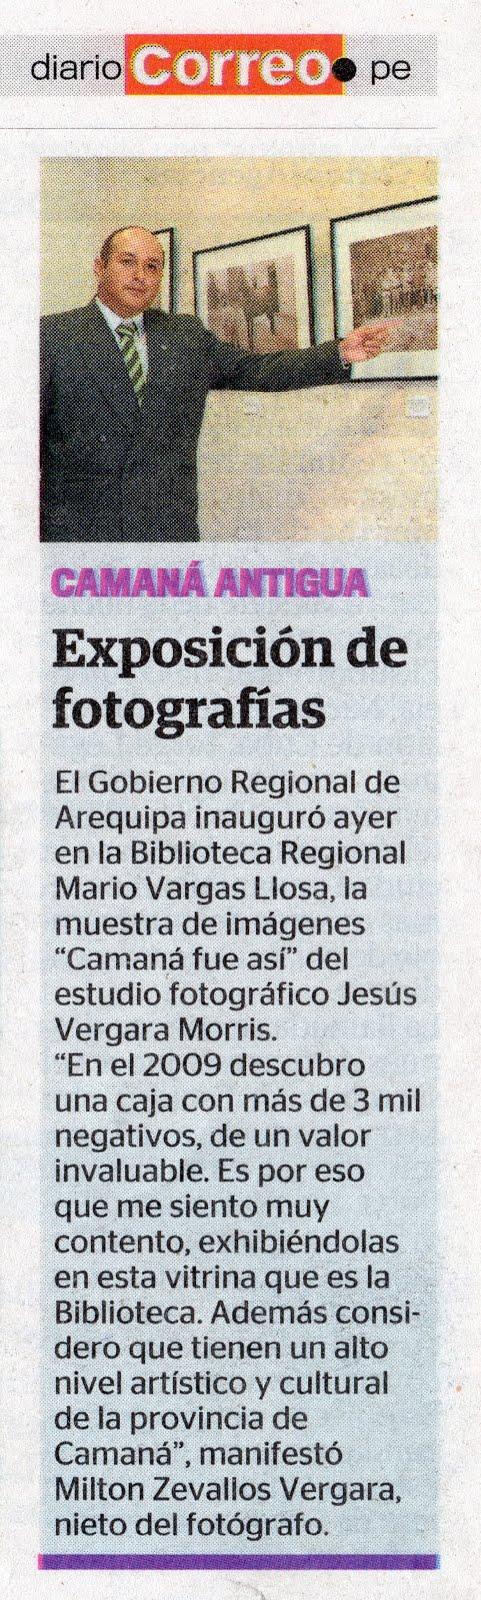 Diario Correo. 11 de abril 2015